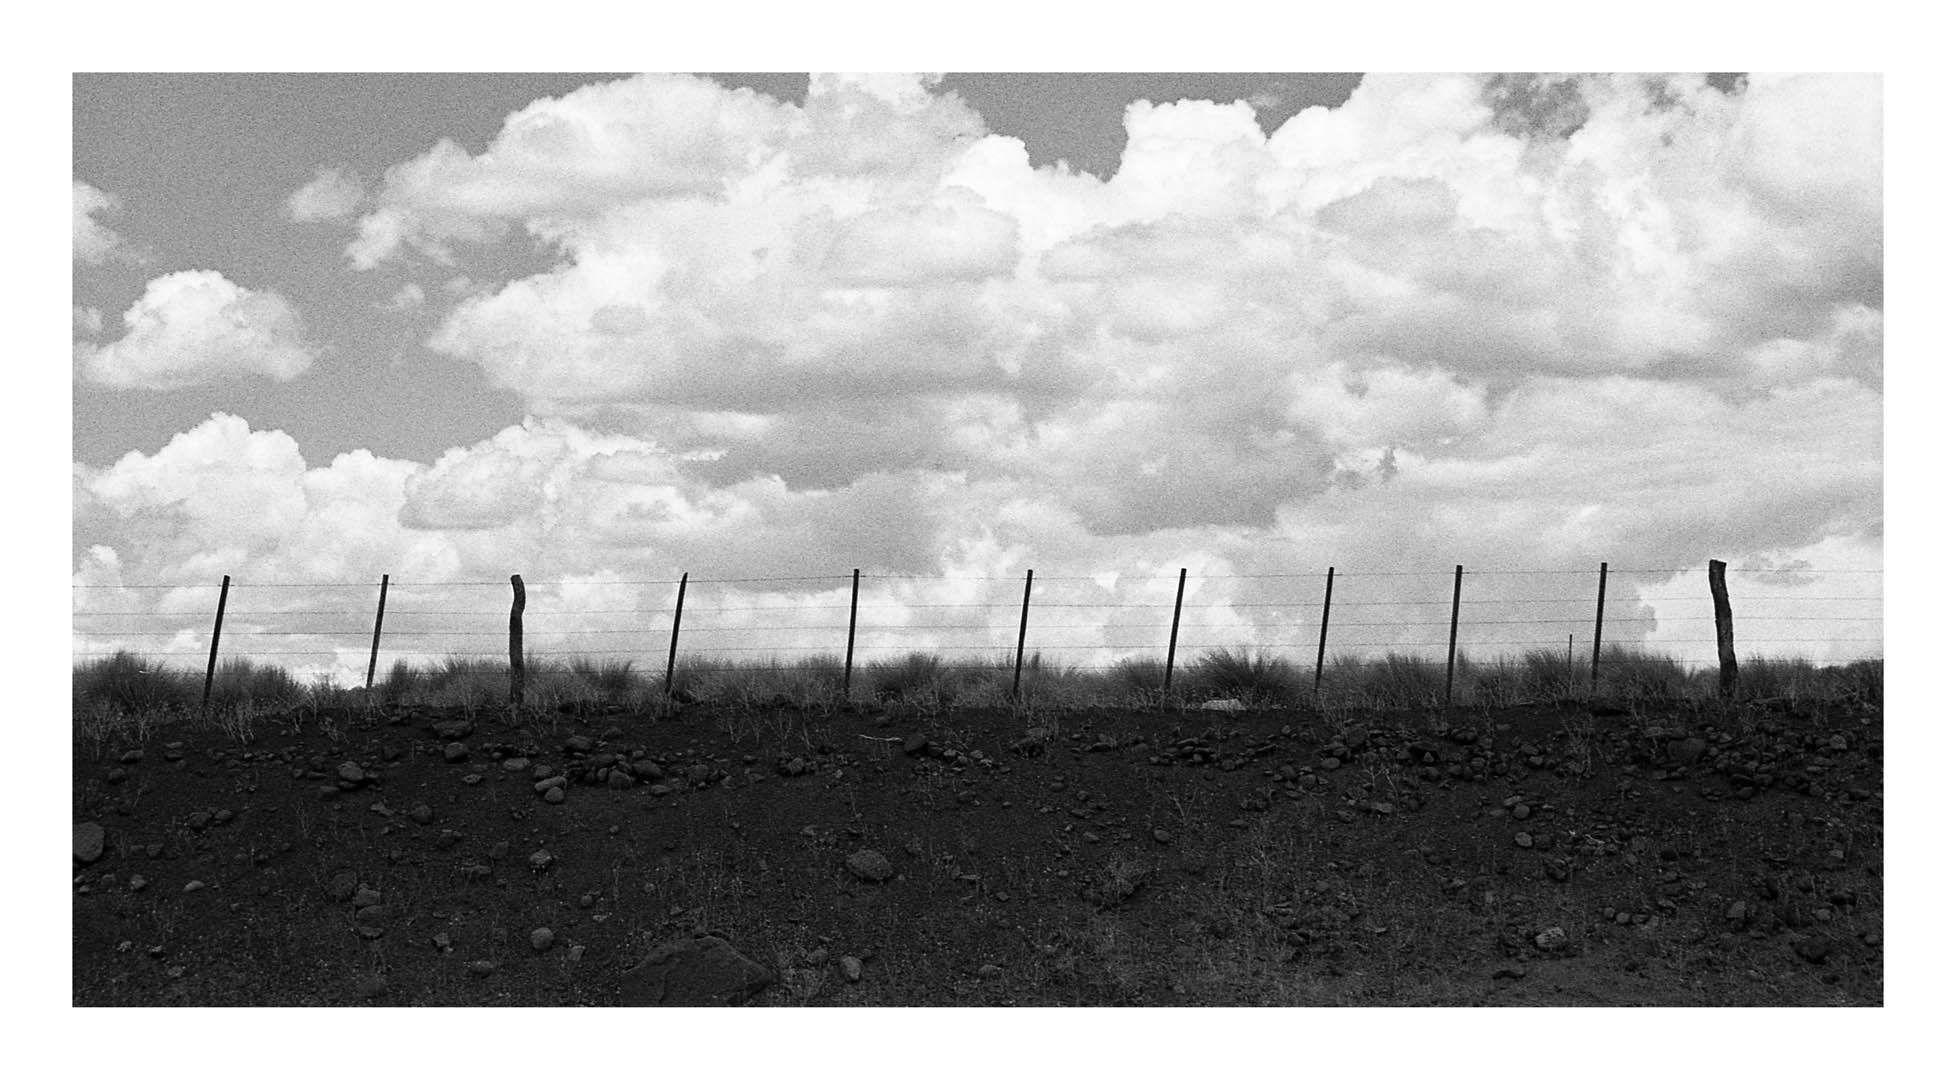 003 - Horizontes inciertos